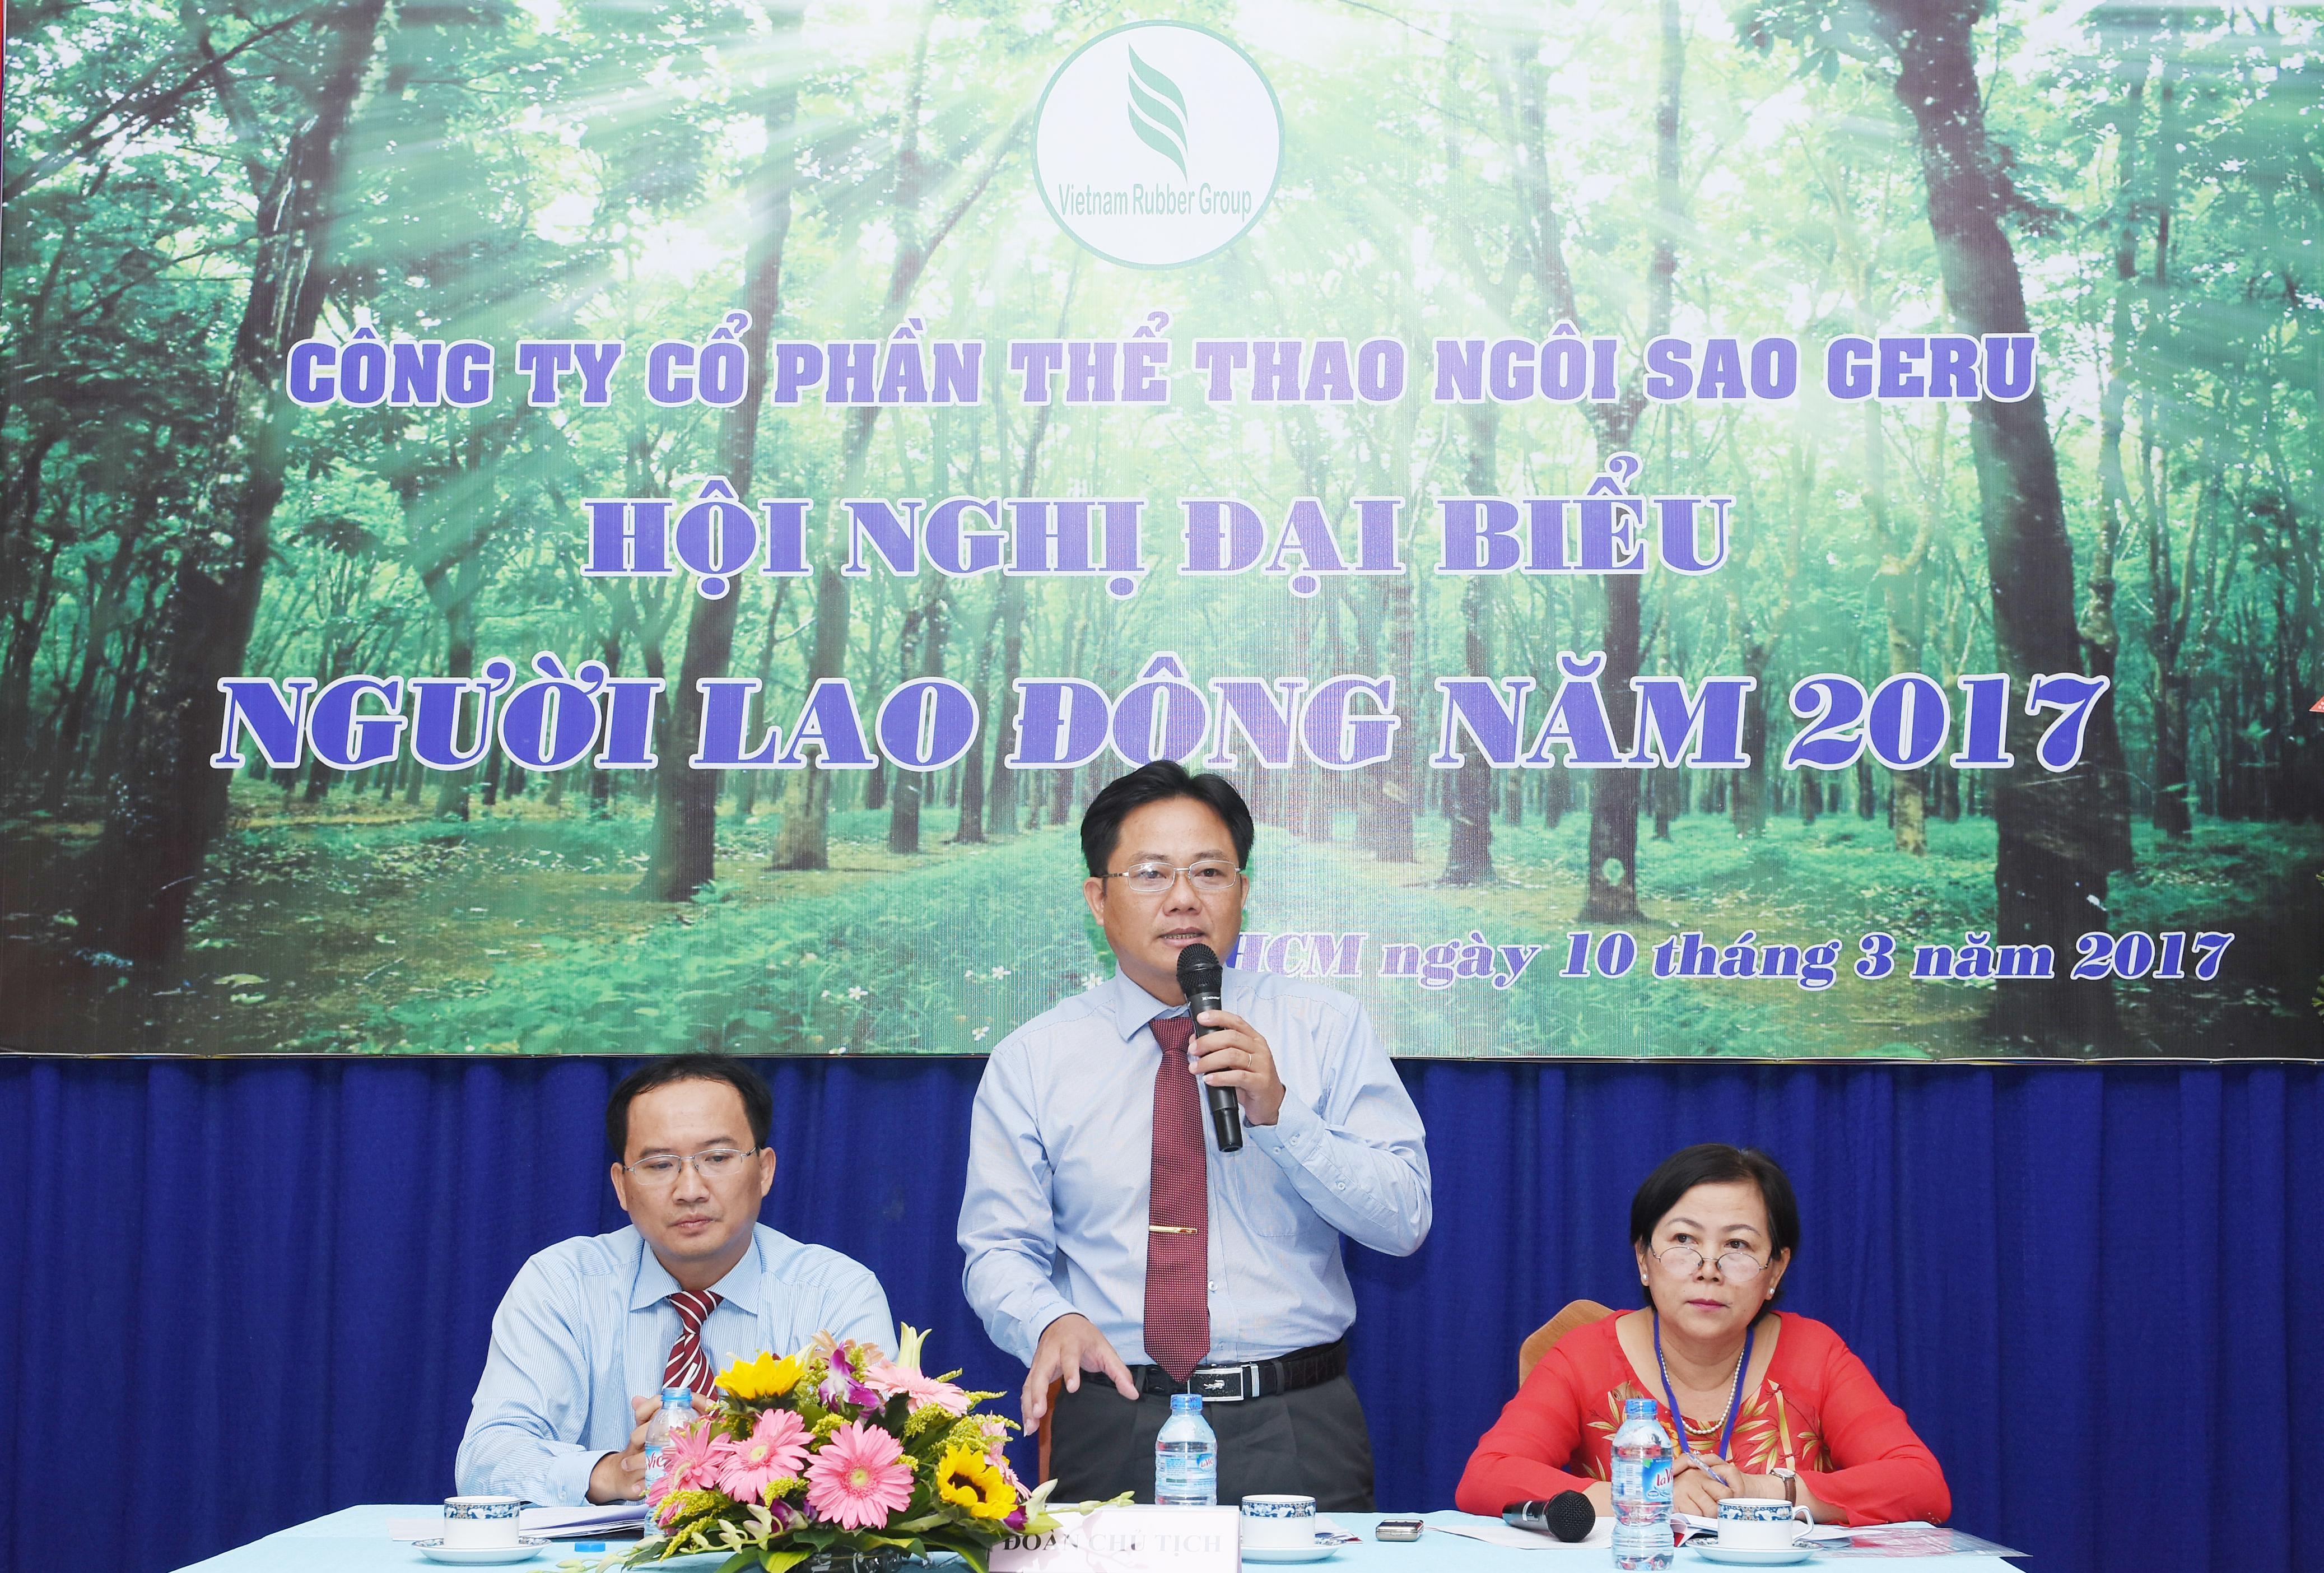 Ông Trần Văn Hạnh – Bí Thư Đảng Ủy – TGĐ công ty cũng đã trực tiếp trả lời những vấn đề khúc mắc cũng như kiến nghị đề xuất của người lao động